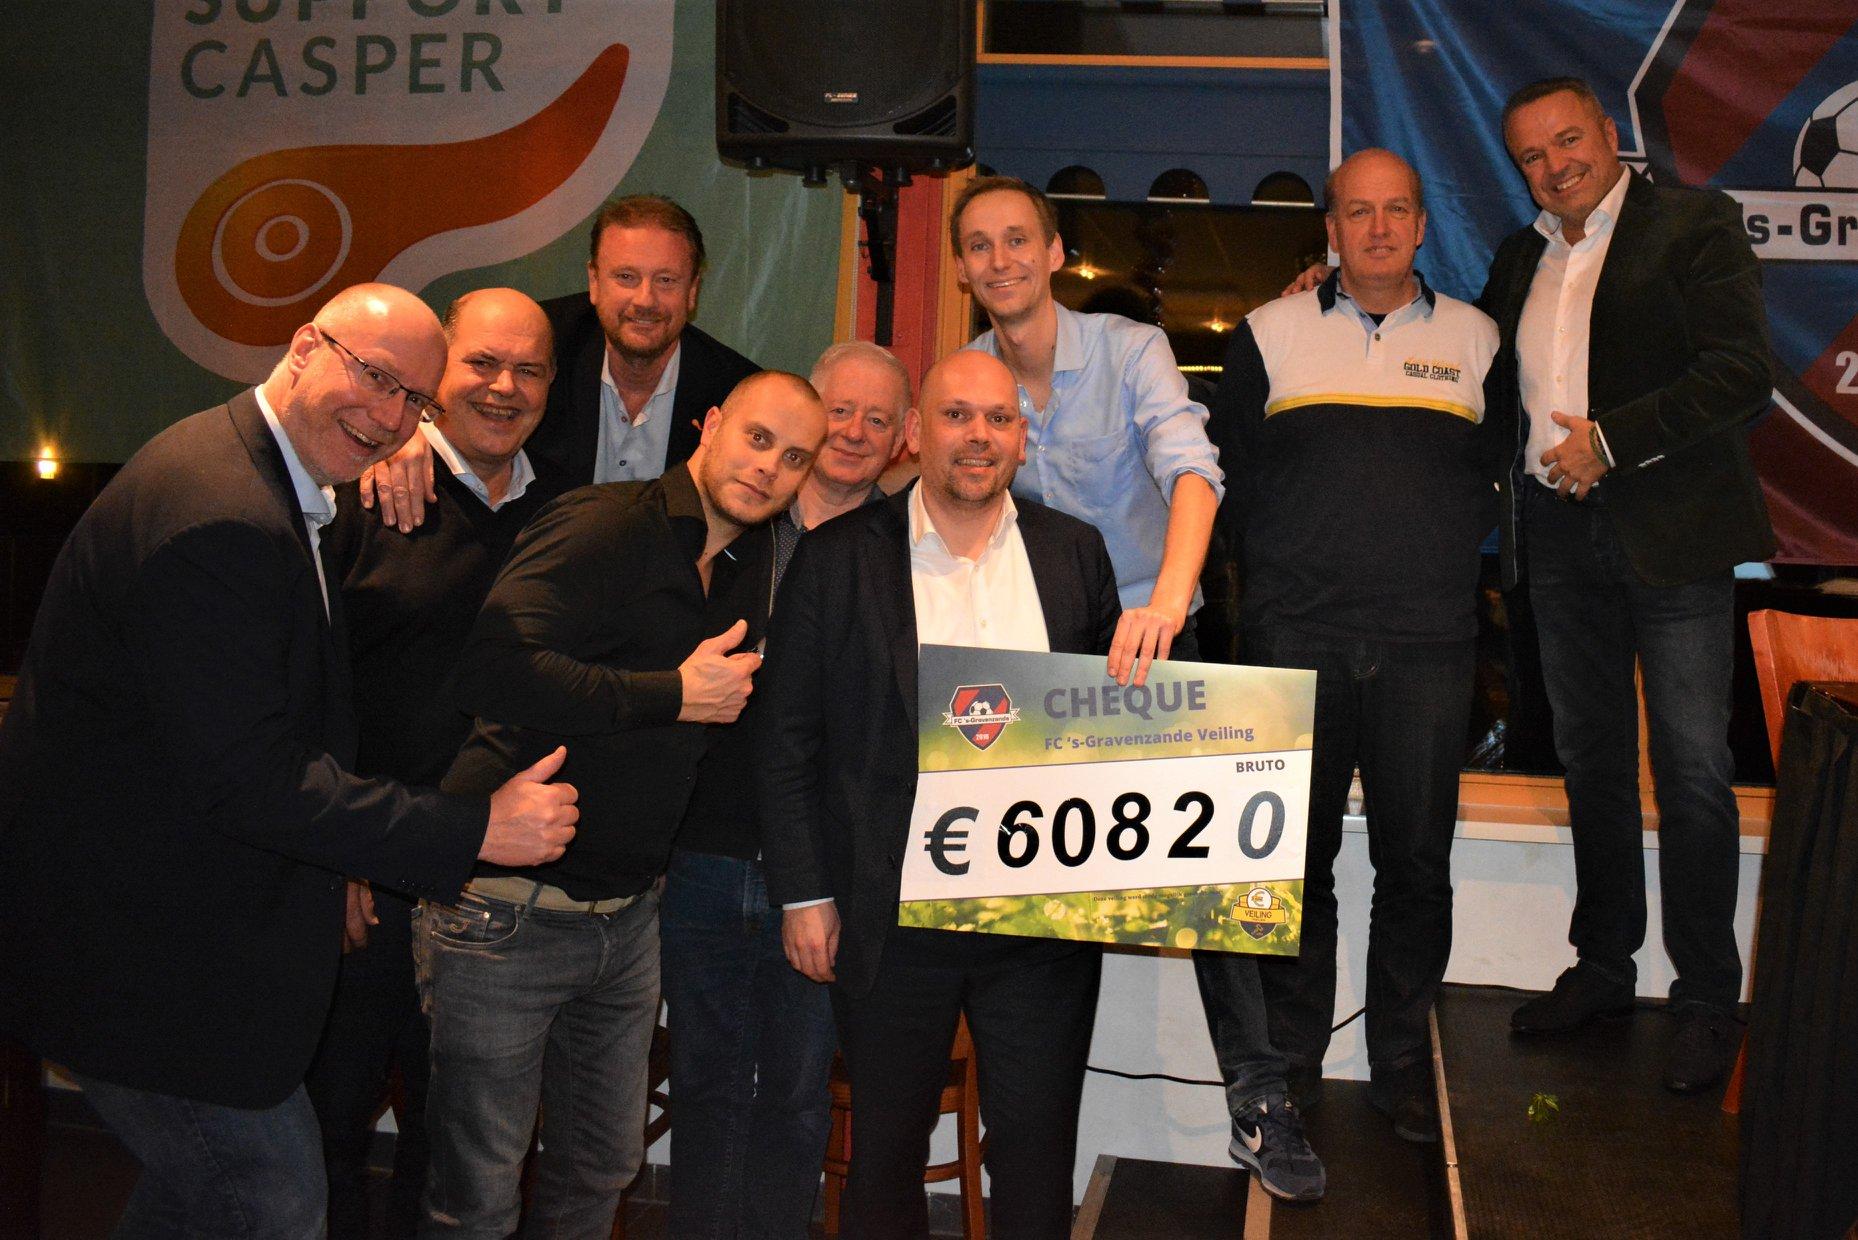 Meer Dan €60.000,- Bij 's-Gravenzande Veiling